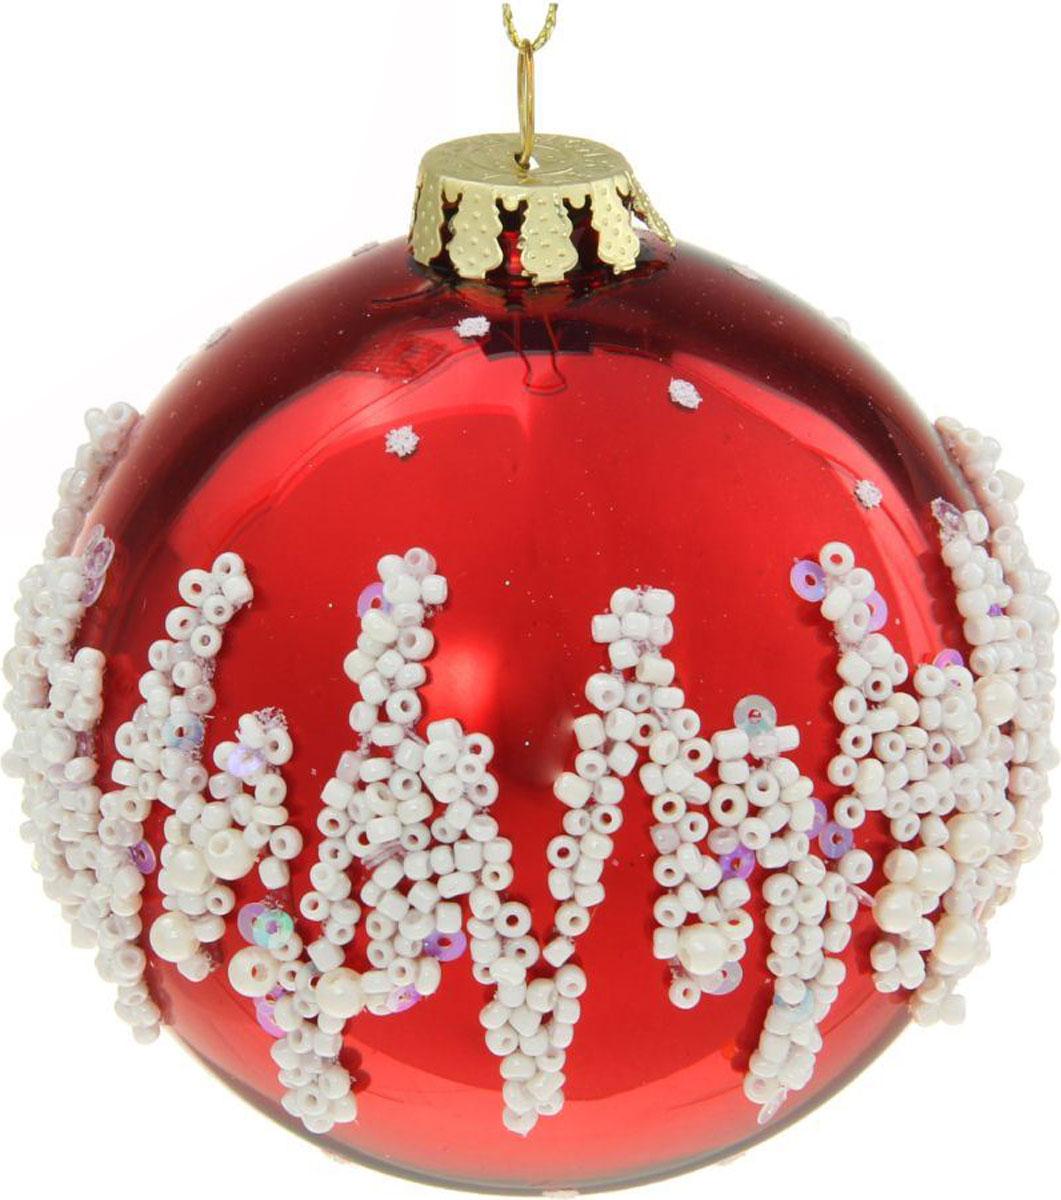 Новогоднее подвесное украшение Sima-land Зигзаг, цвет: красный, диаметр 8 см1346652Новогоднее украшение Sima-land отлично подойдет для декорации вашего дома и новогодней ели. Елочная игрушка - символ Нового года. Она несет в себе волшебство и красоту праздника. Такое украшение создаст в вашем доме атмосферу праздника, веселья и радости.